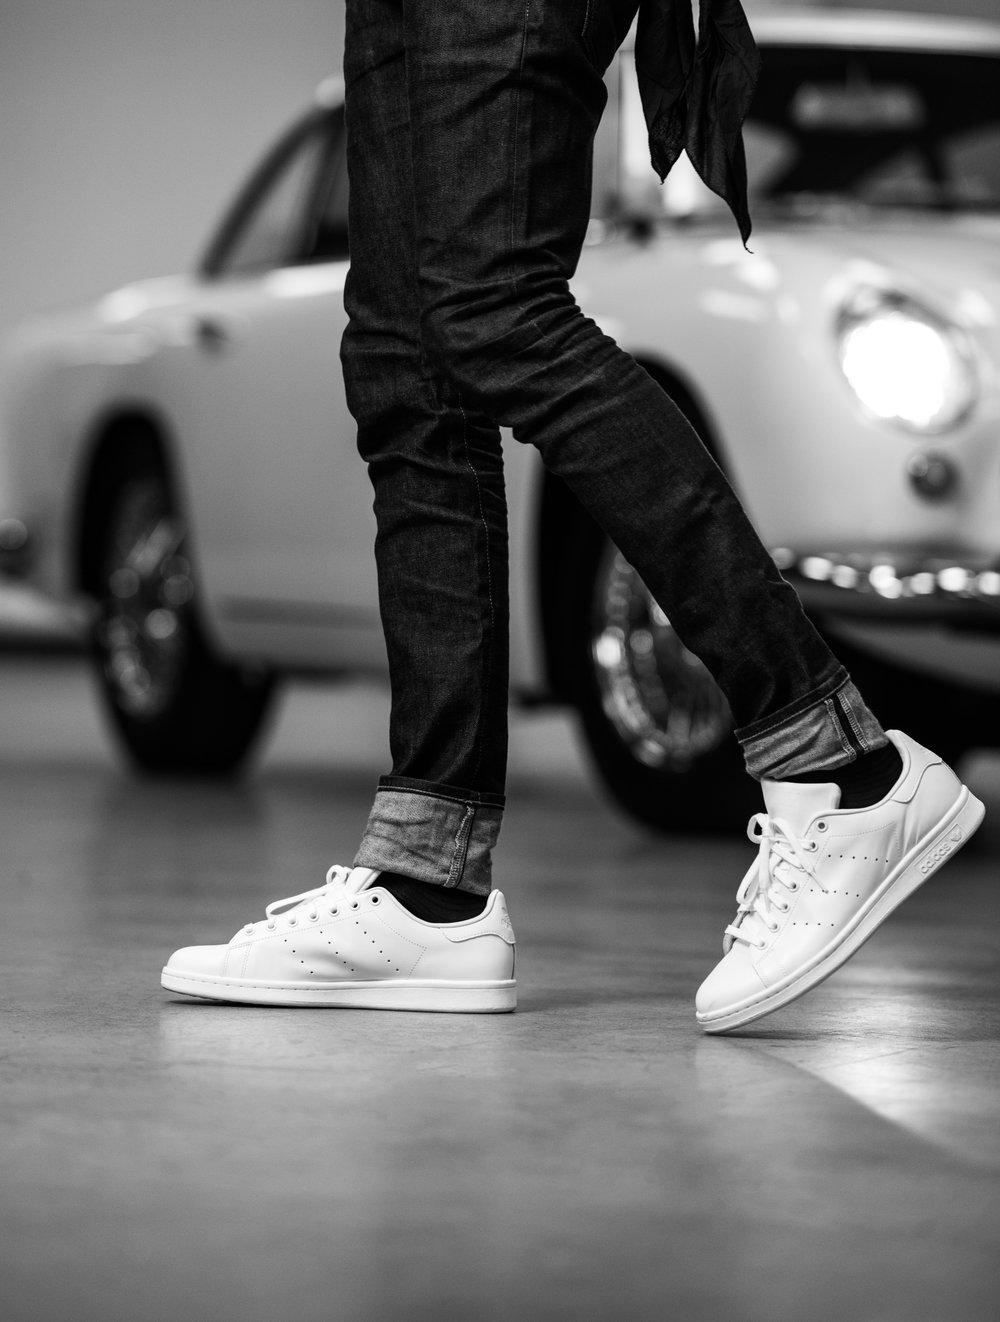 NM_02_20160427_Adidas_00716.jpg